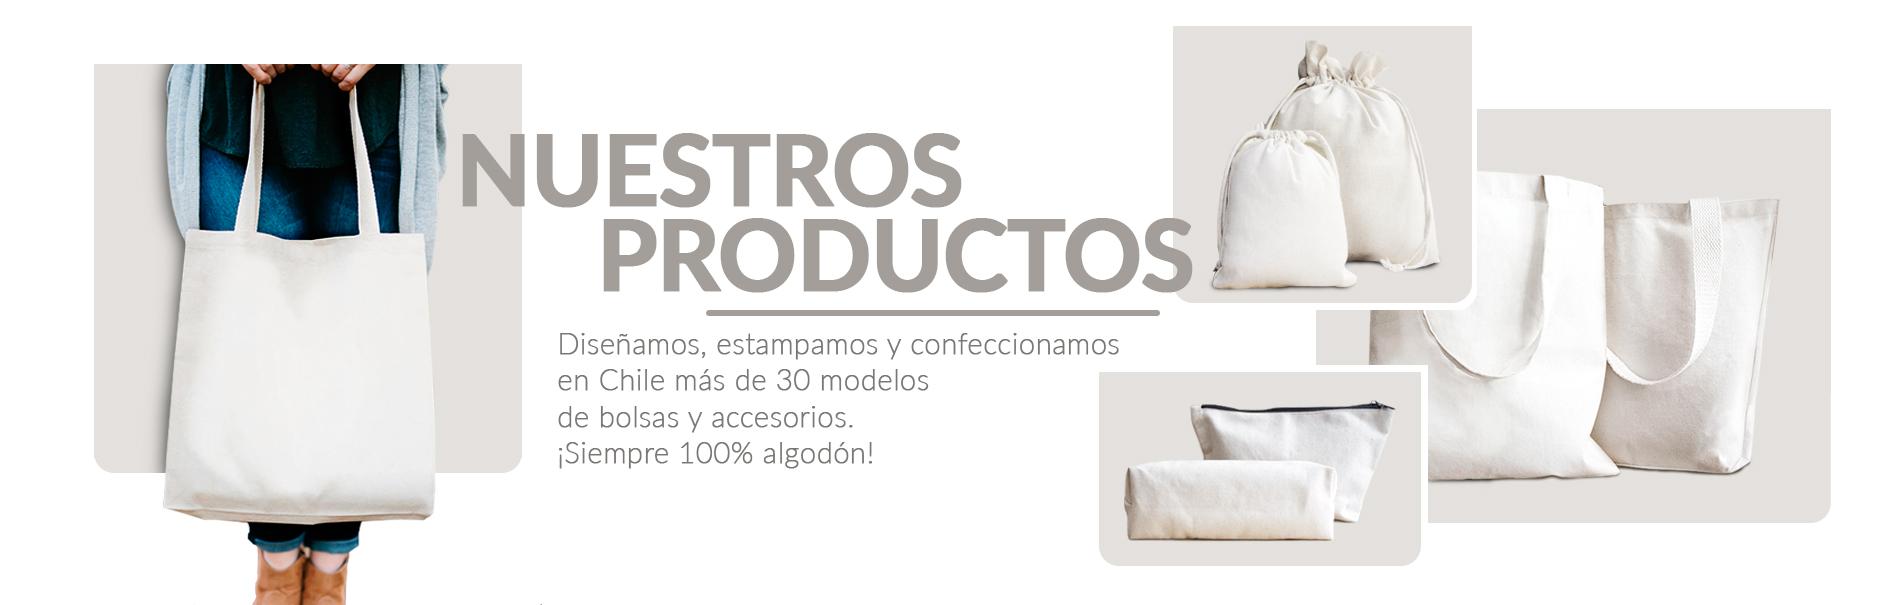 Banners-Nuestros-productos3